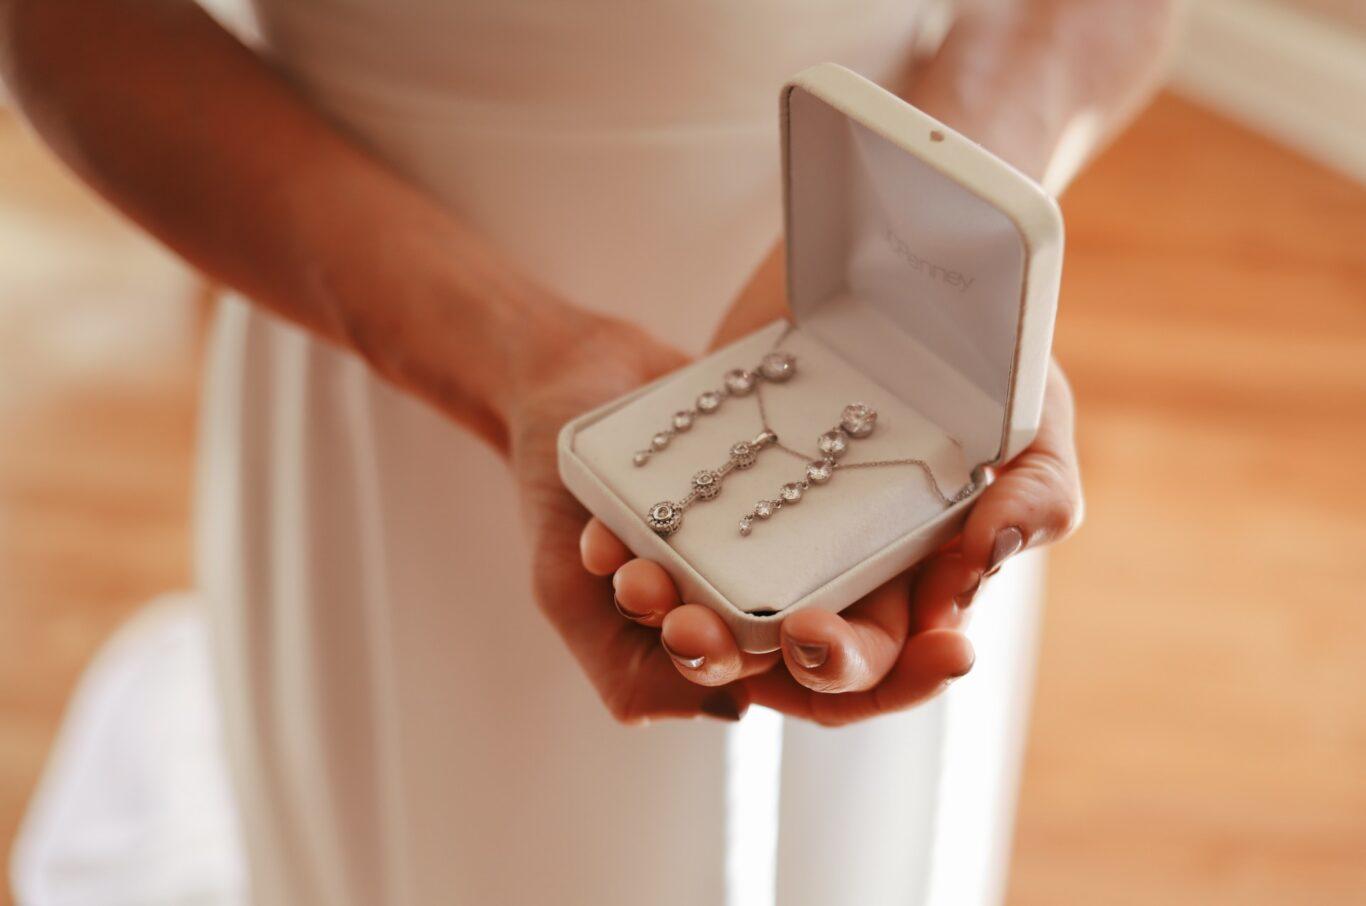 Αξεσουάρ για την νύφη